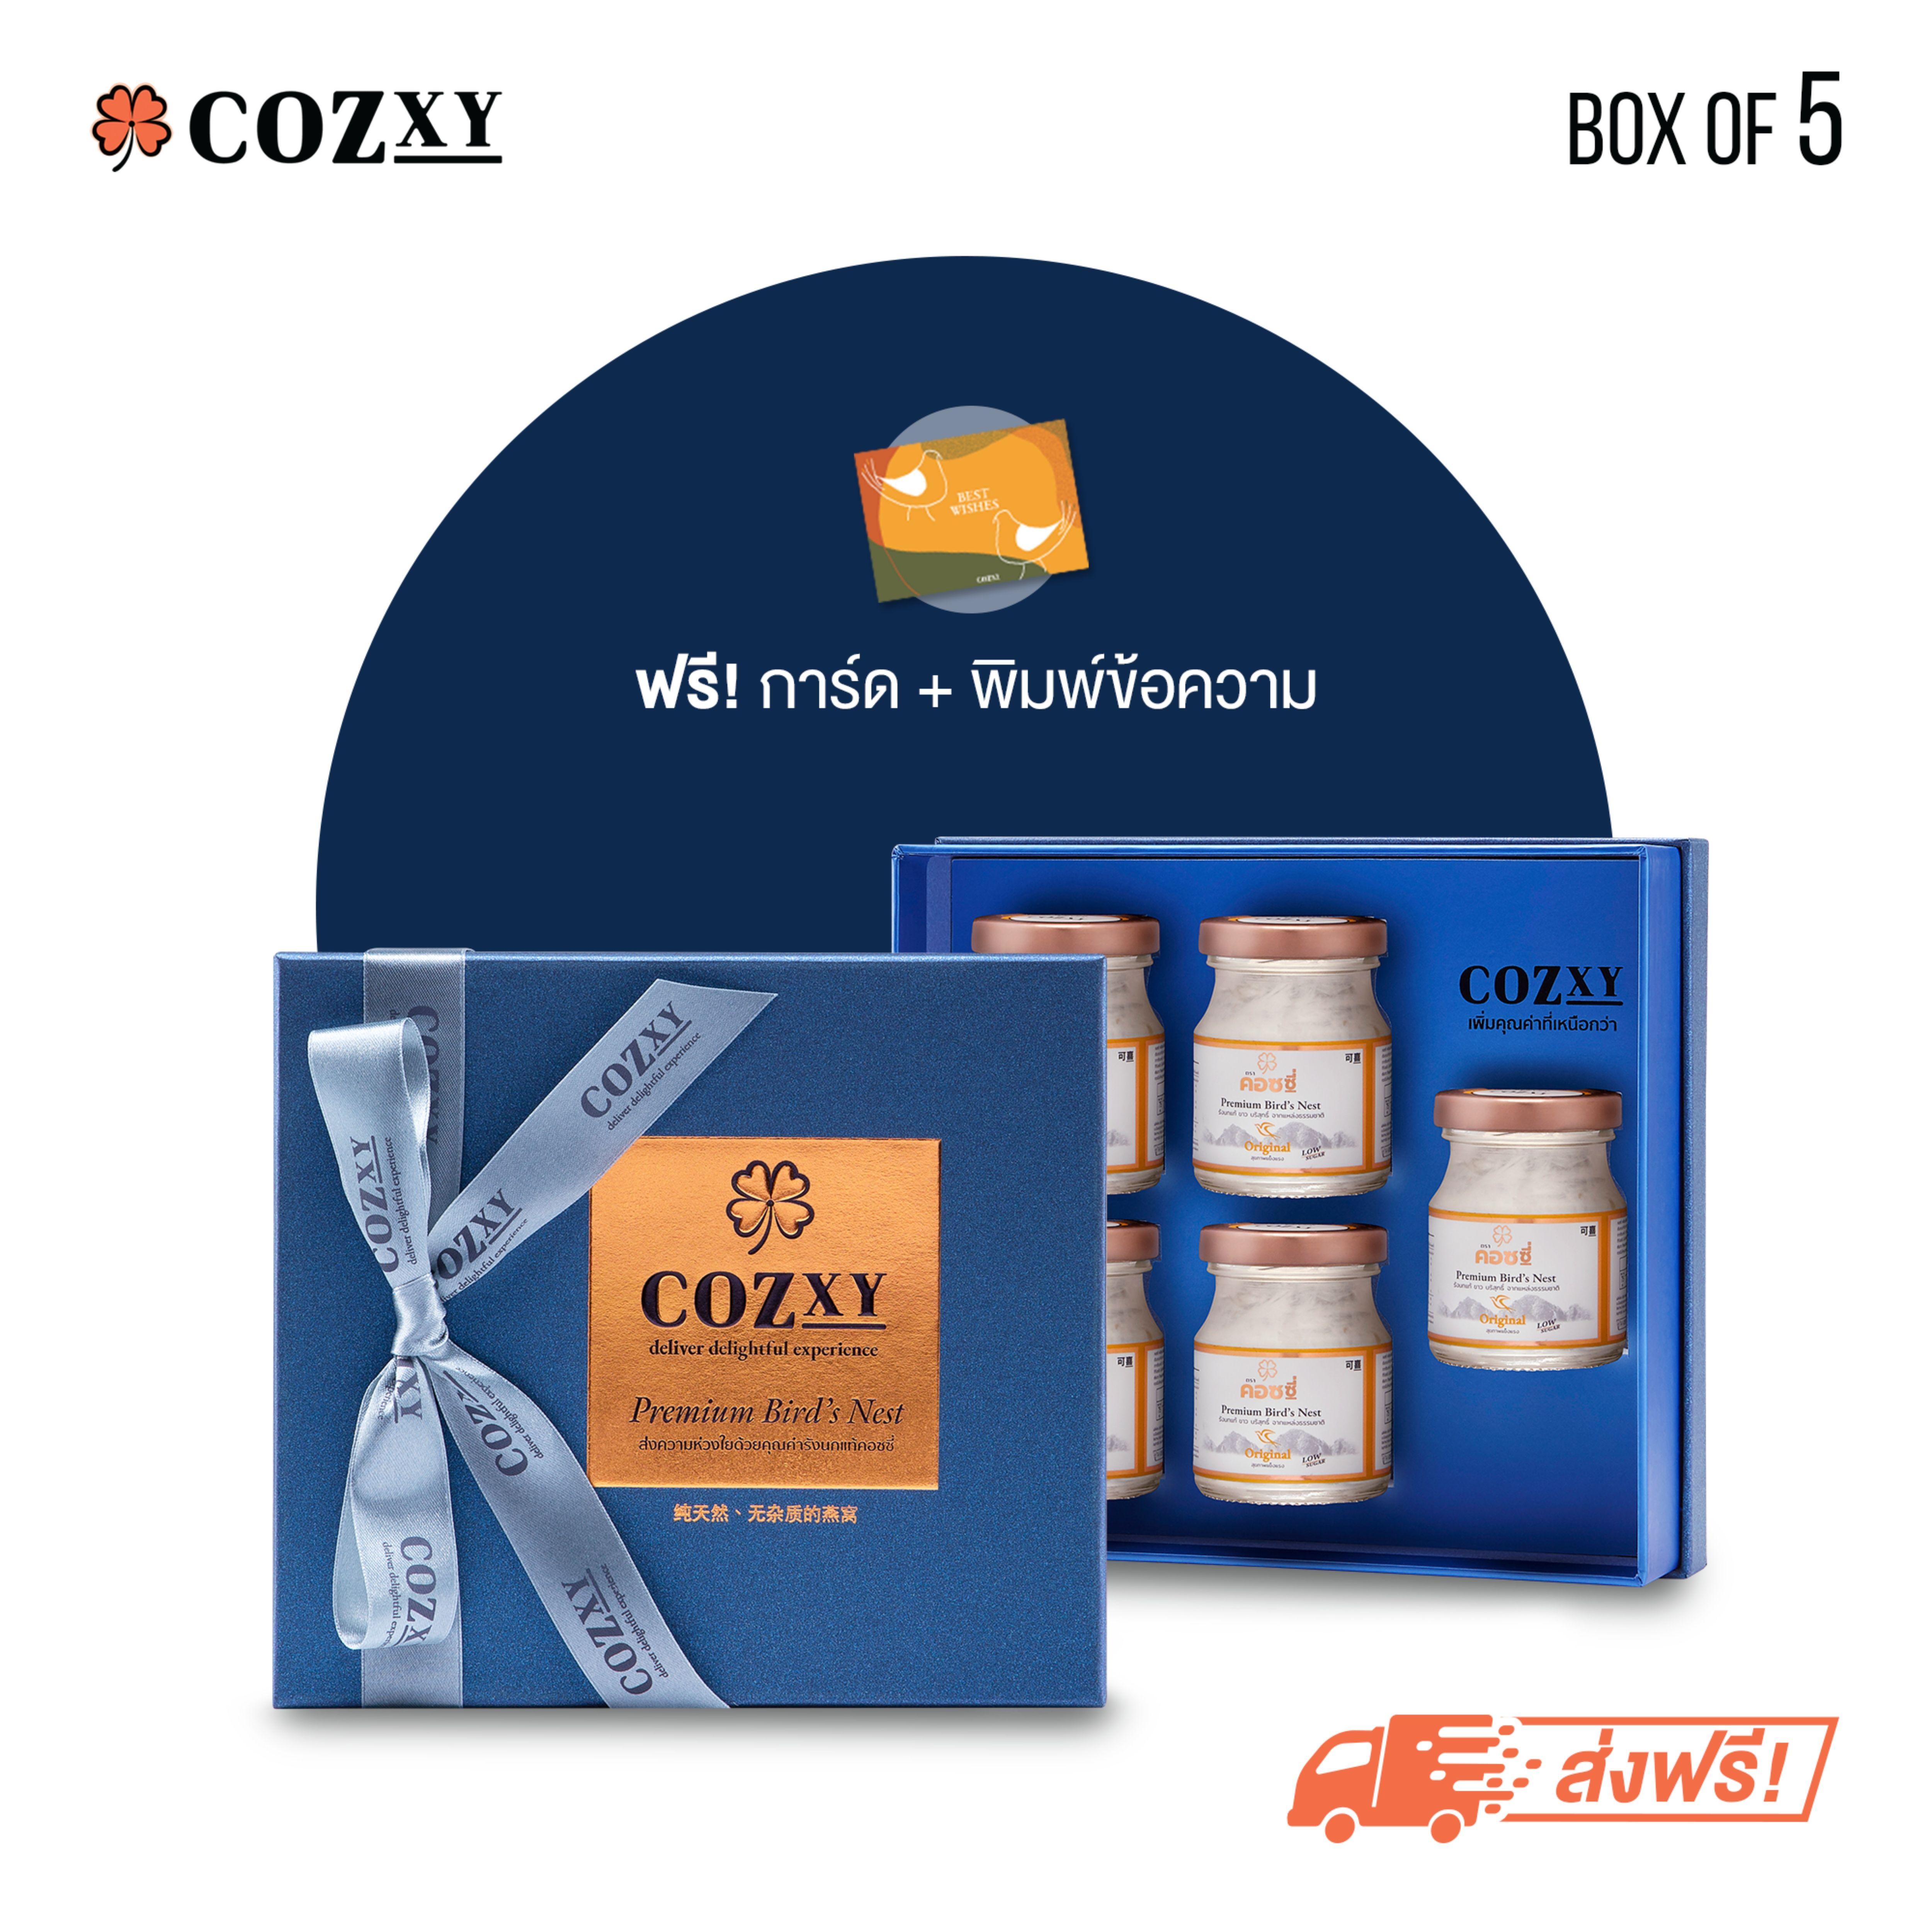 คอซซี่ กล่องของขวัญรังนกแท้พรีเมี่ยม สูตร Original หวานน้อย ขนาด 5 ขวด สีน้ำเงิน ให้แทนกระเช้าสุขภาพ